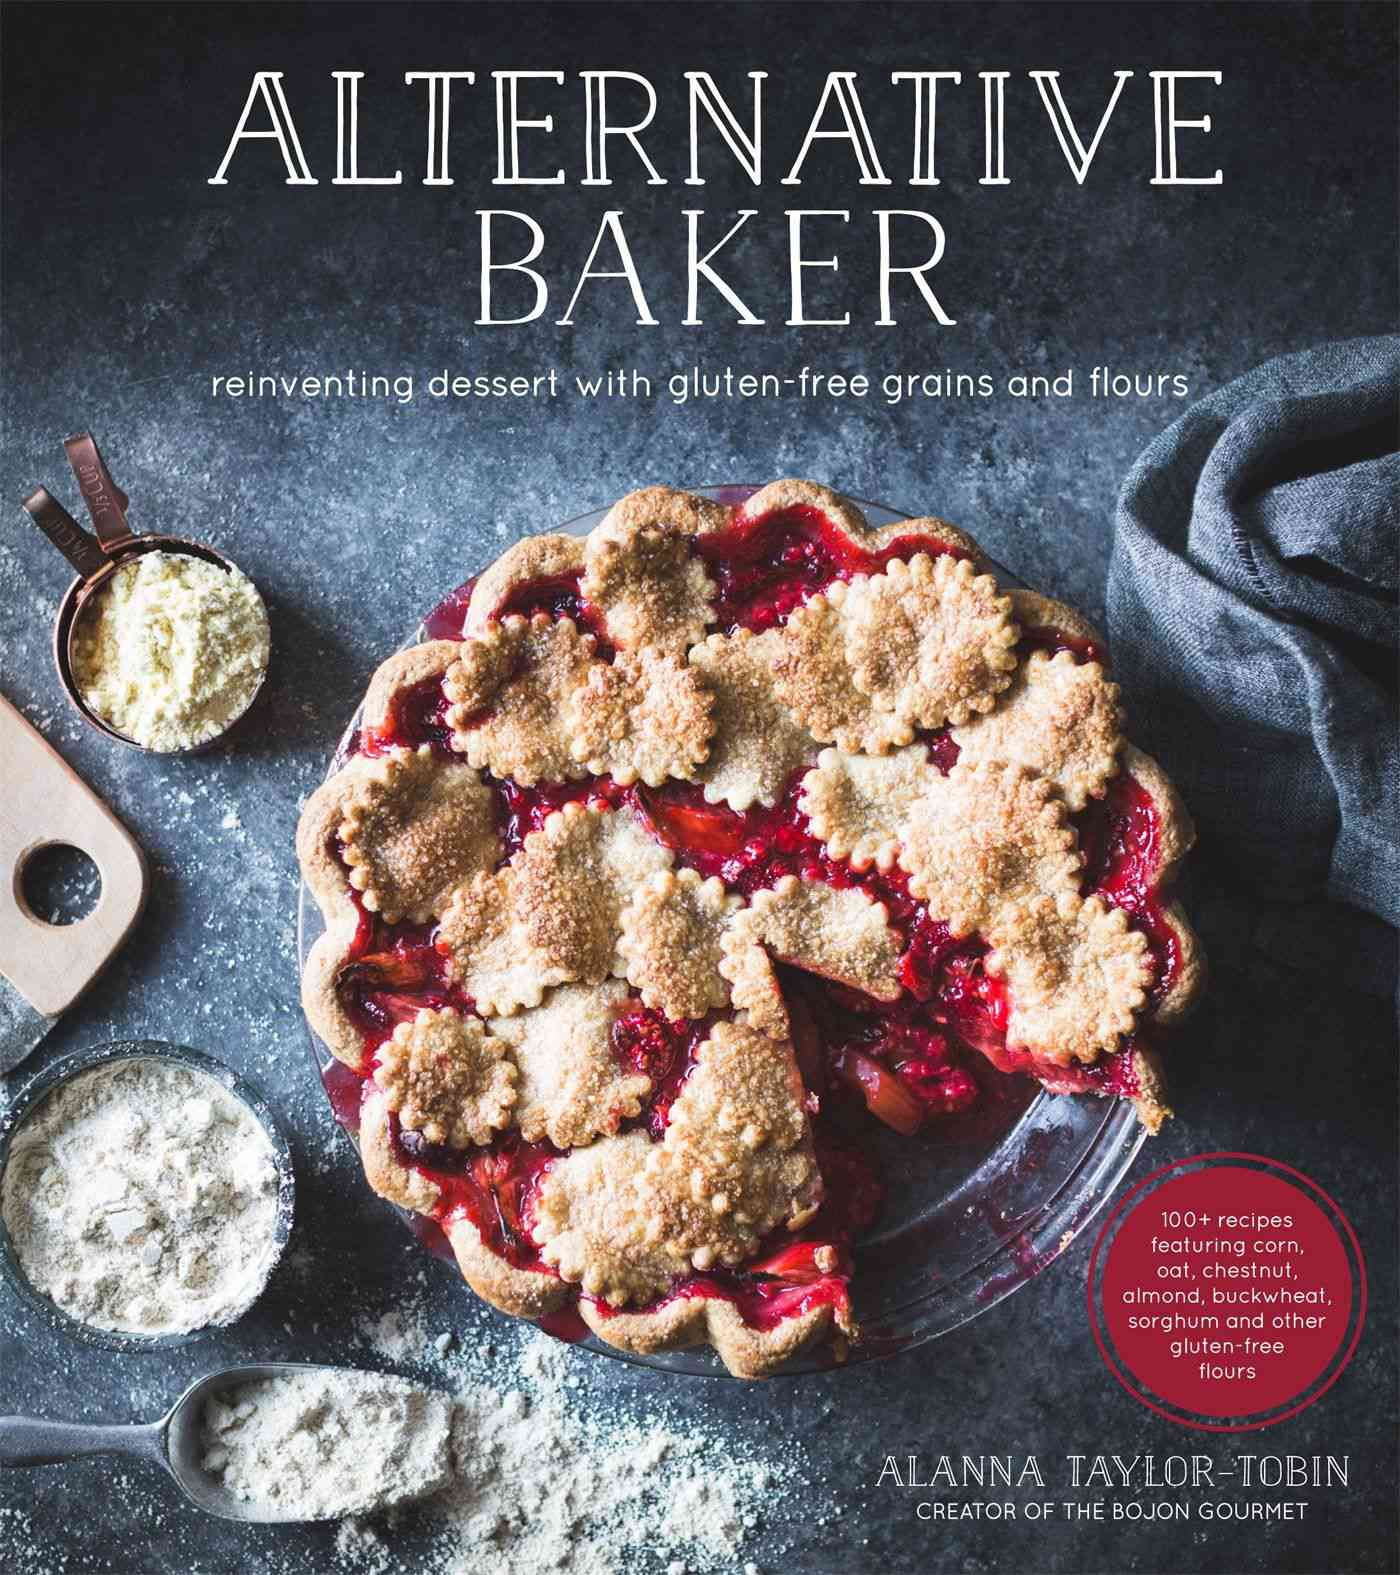 Alternative Baker by Alanna Taylor-Tobin